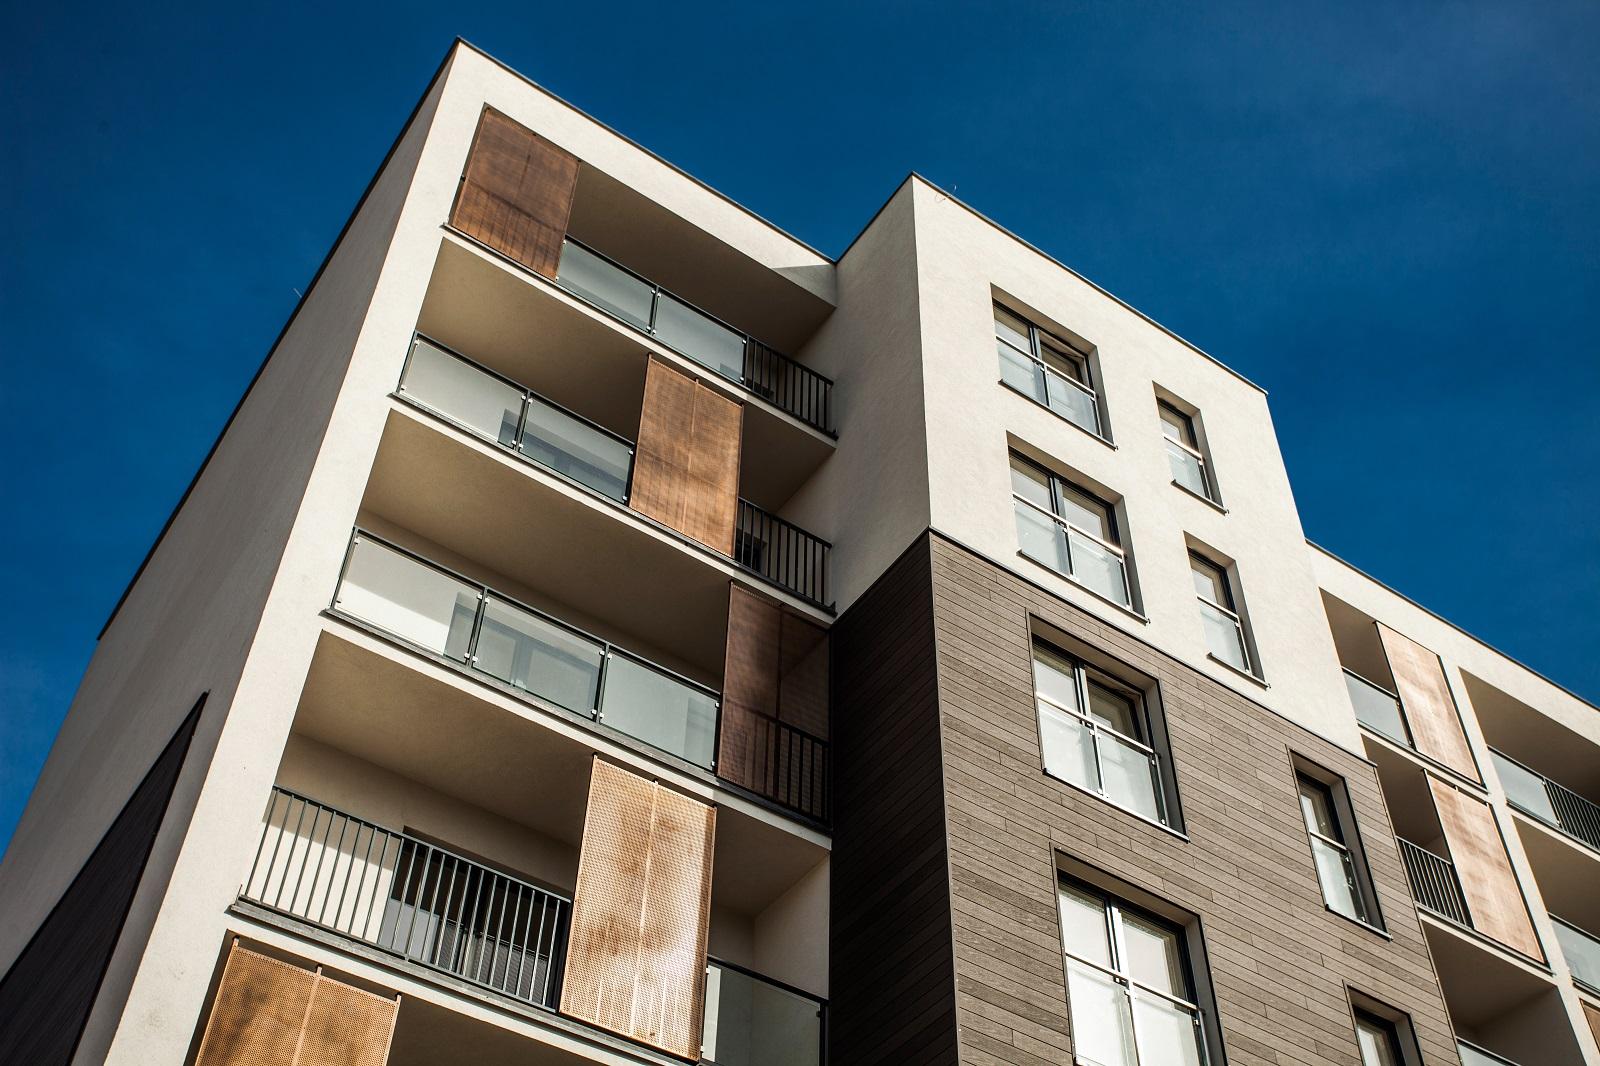 Investimento no mercado imobiliário - Imagem ilustrativa de um prédio